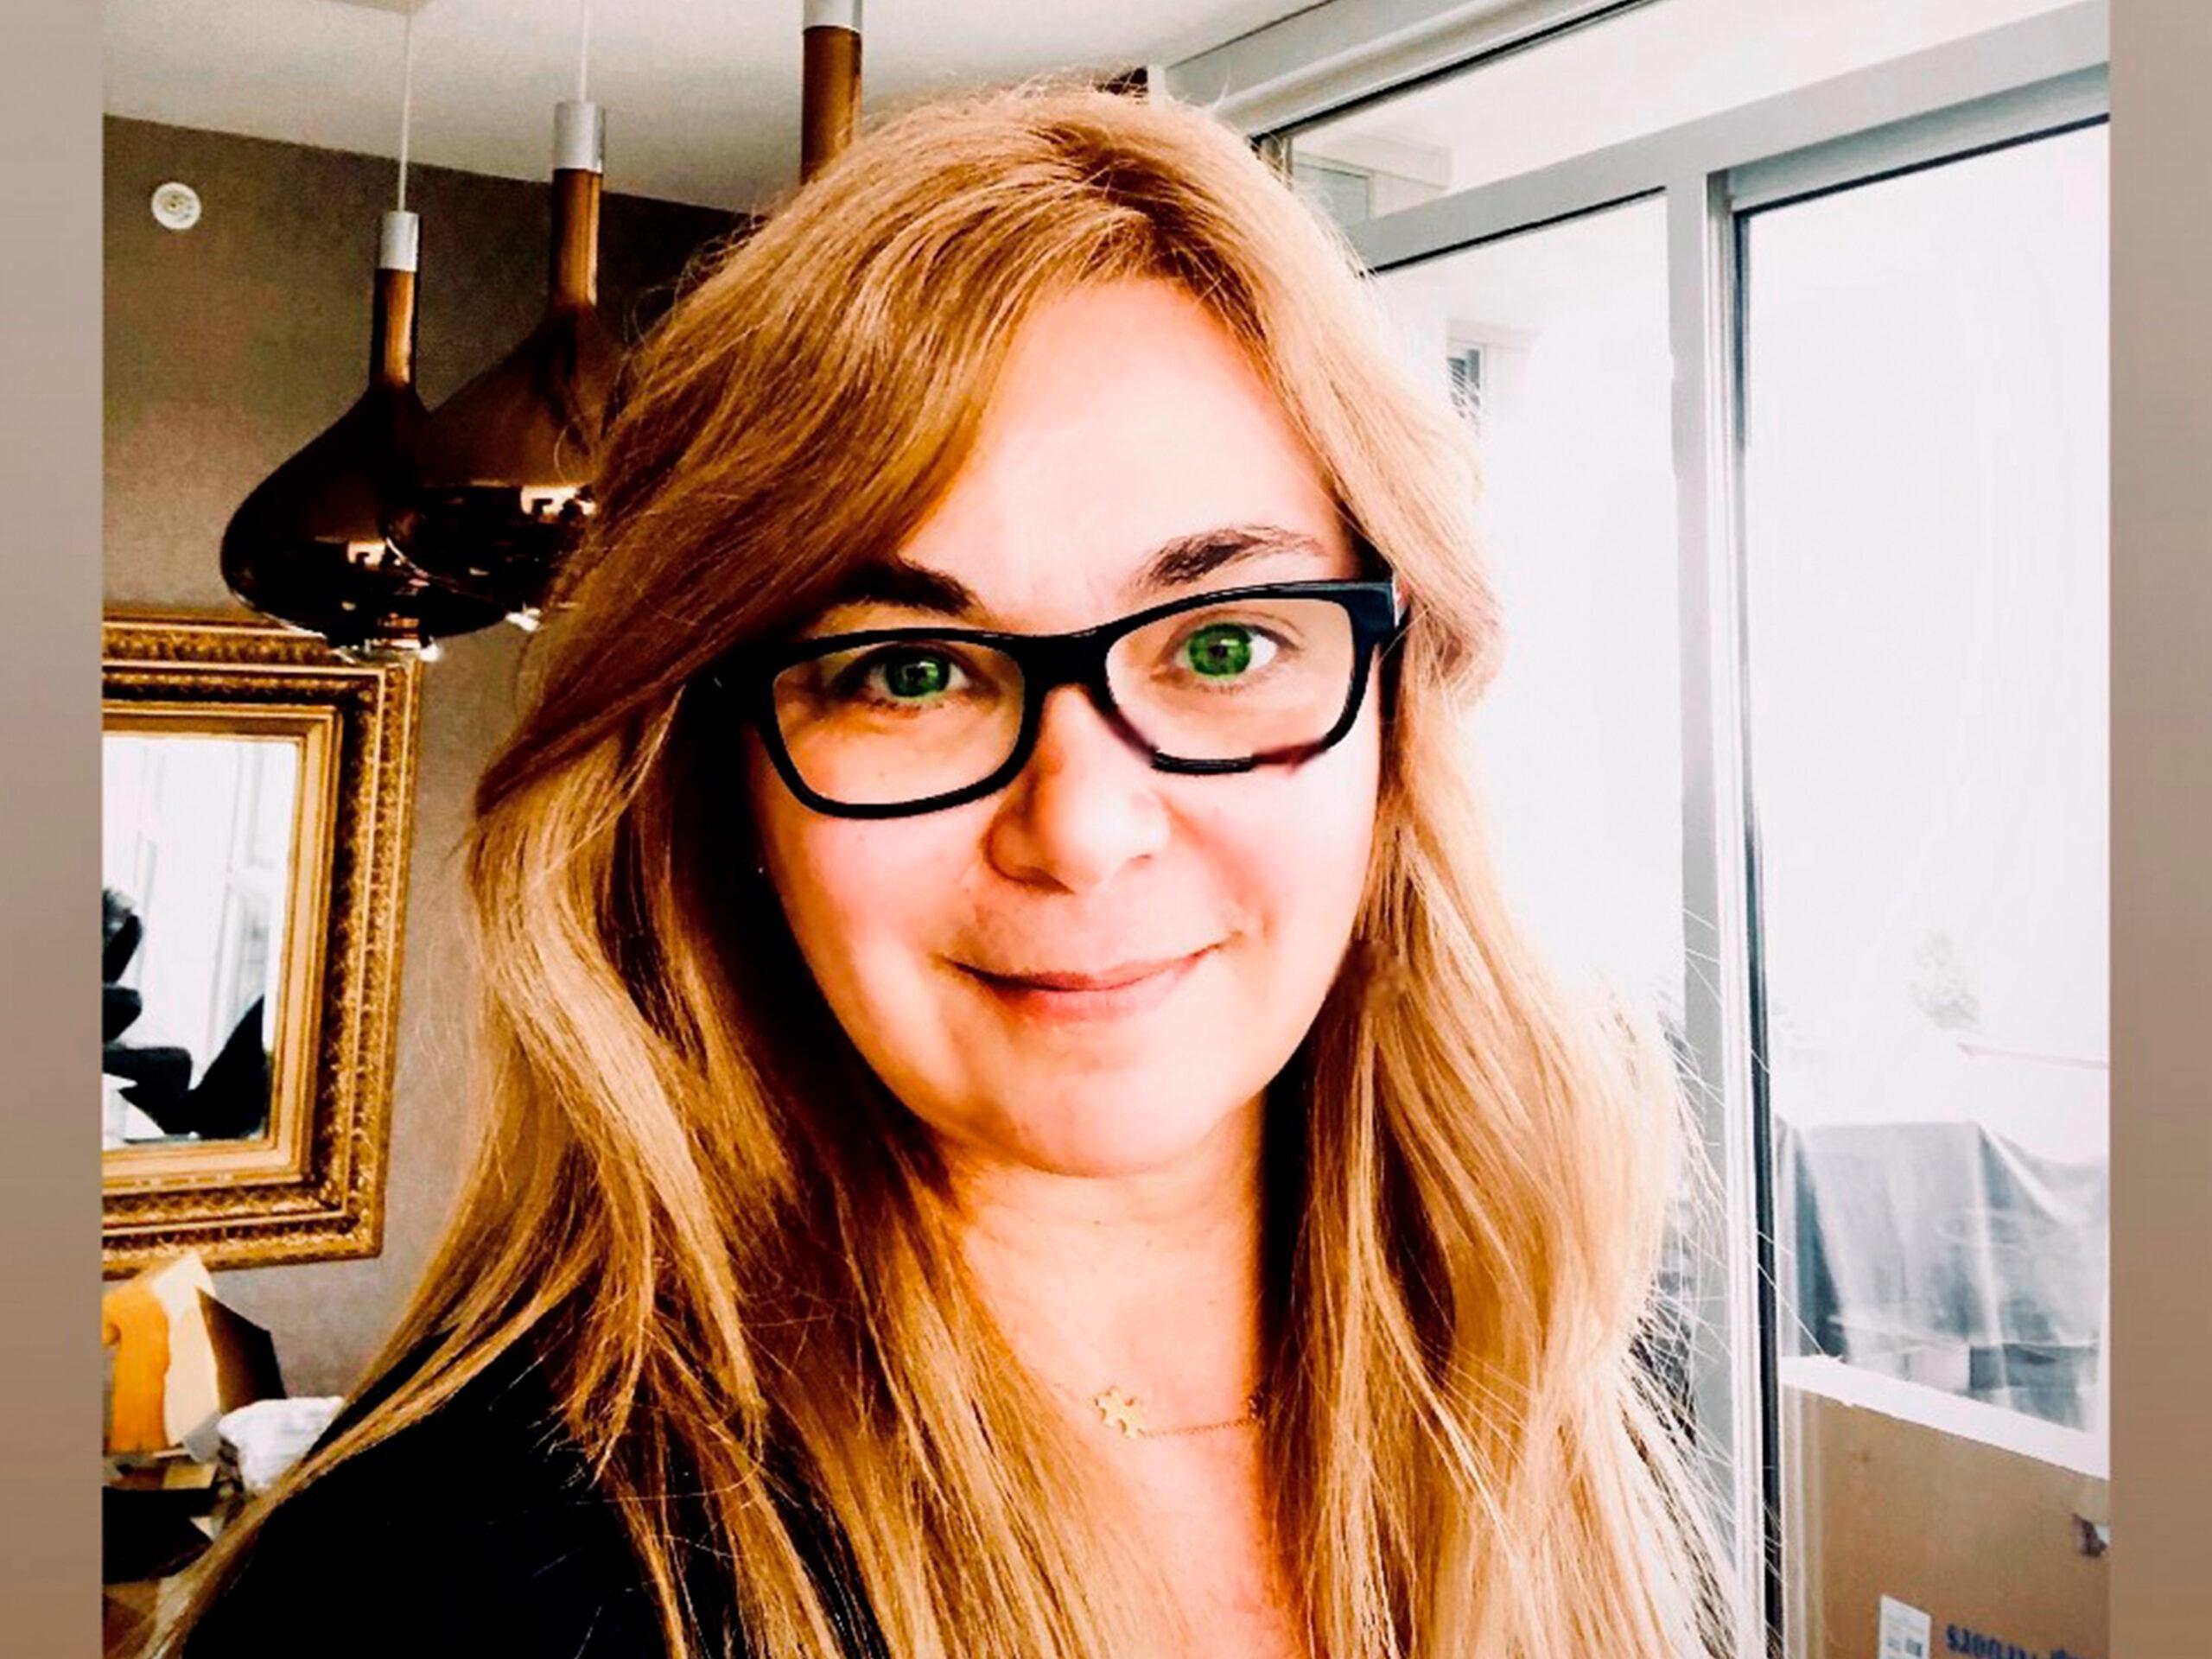 Mónica Moretto